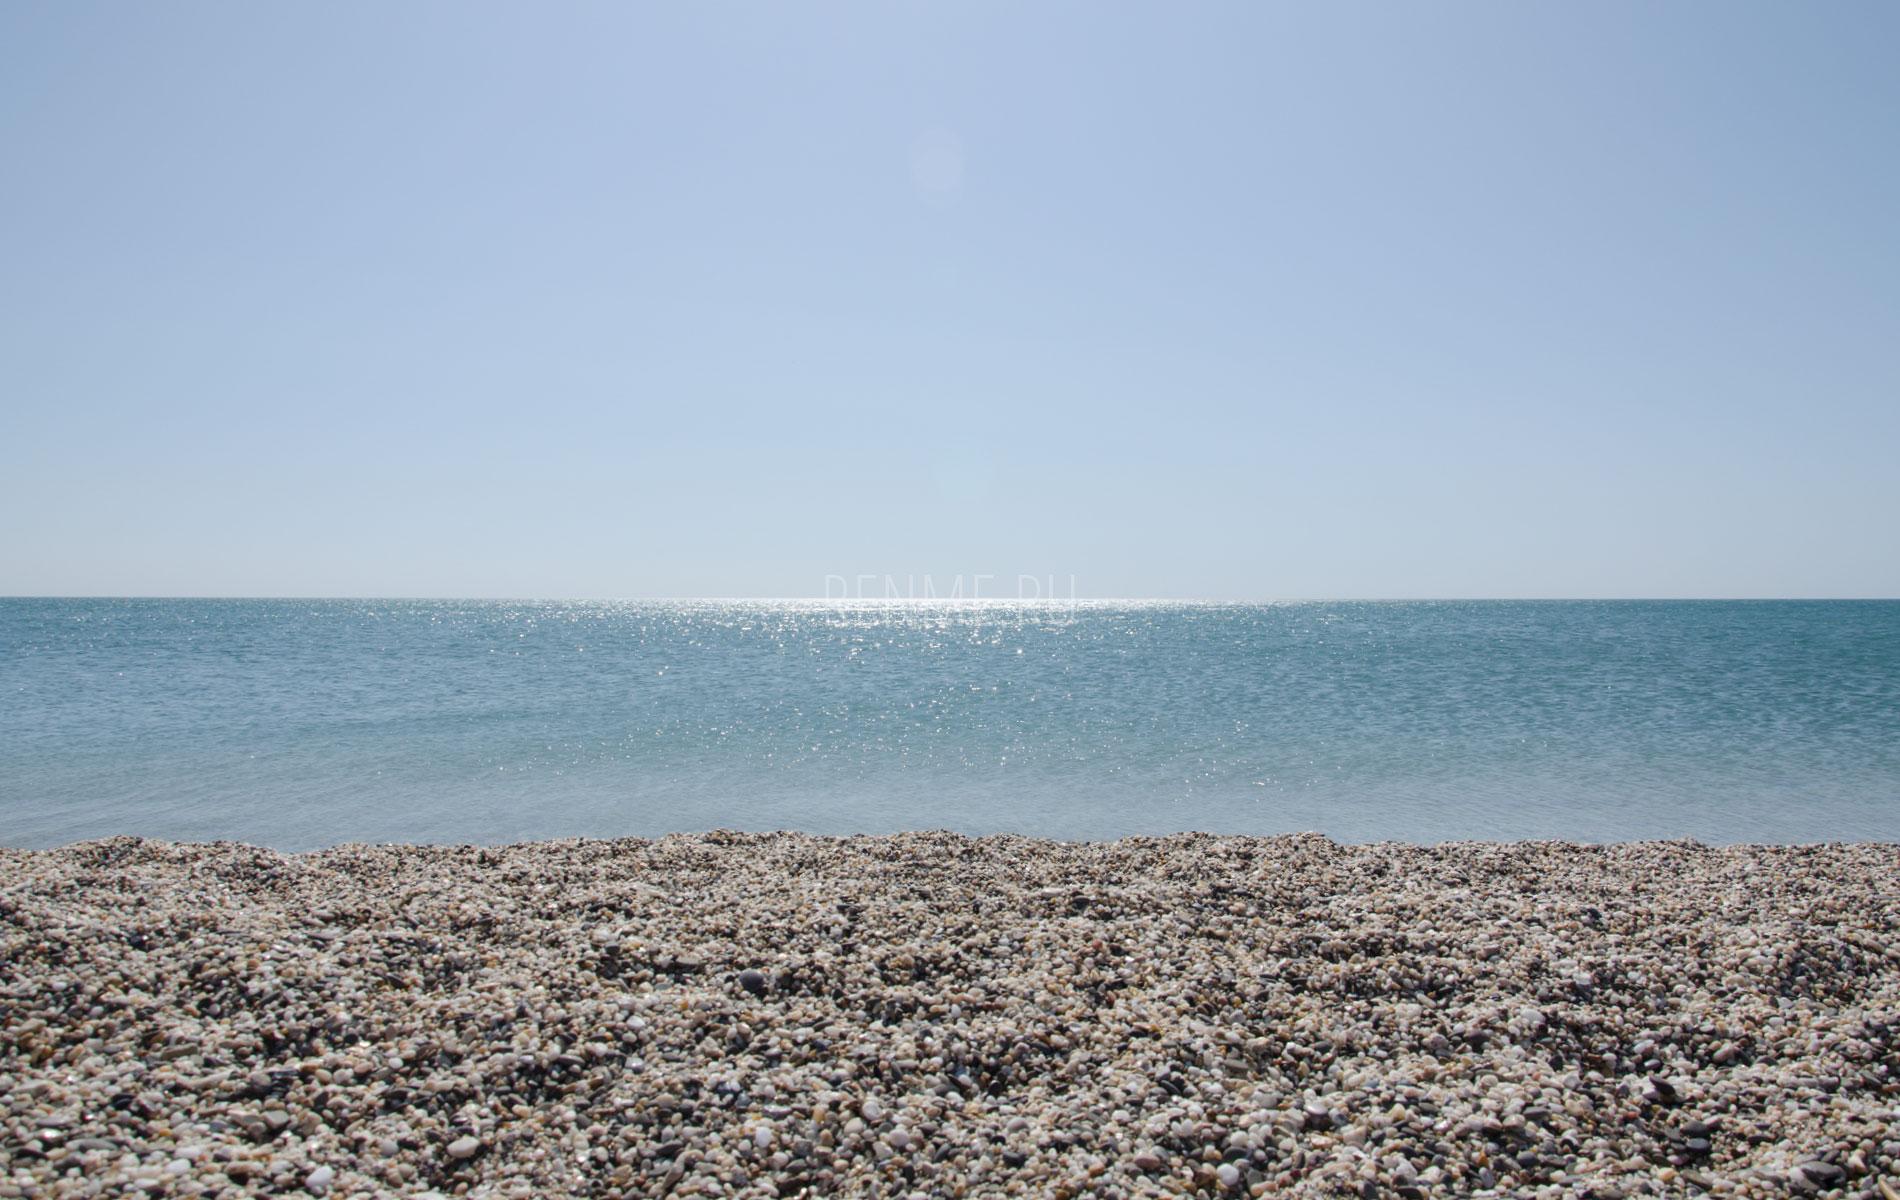 Чистый галечный пляж в сентябре. Фото Евпатории